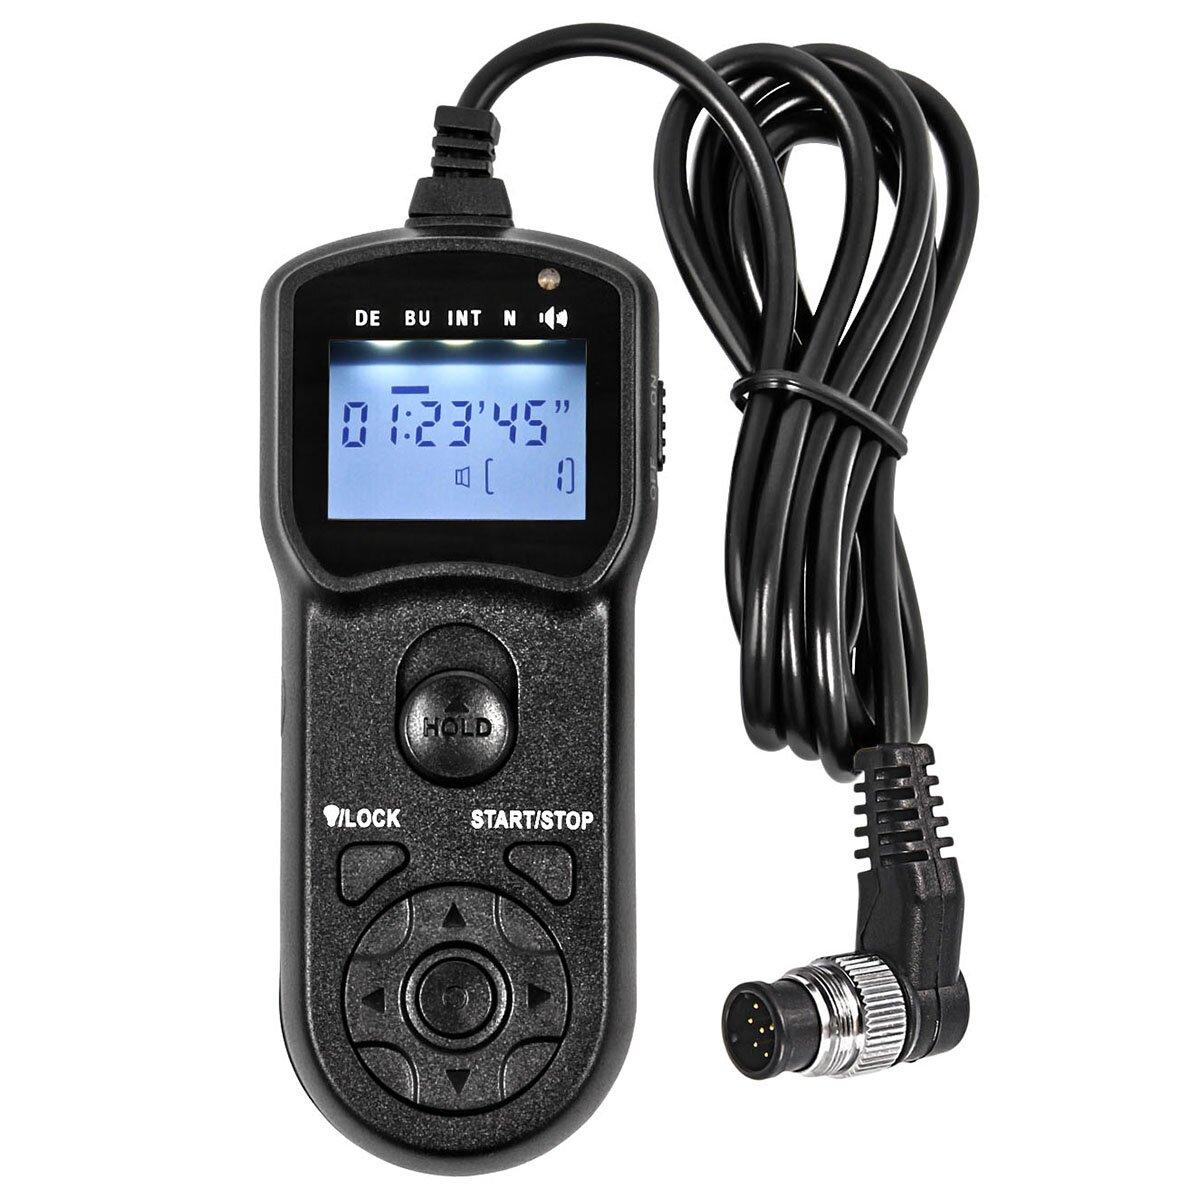 JJC 5 in 1 Multifunktions Kabelauslöser Fernauslöser mit Timer- und Intervalfunktion - kompatibel mit Nikon D3 D4 D5 D300s D700 D800 D500 - inkl. Minadax® Reinigungstuch